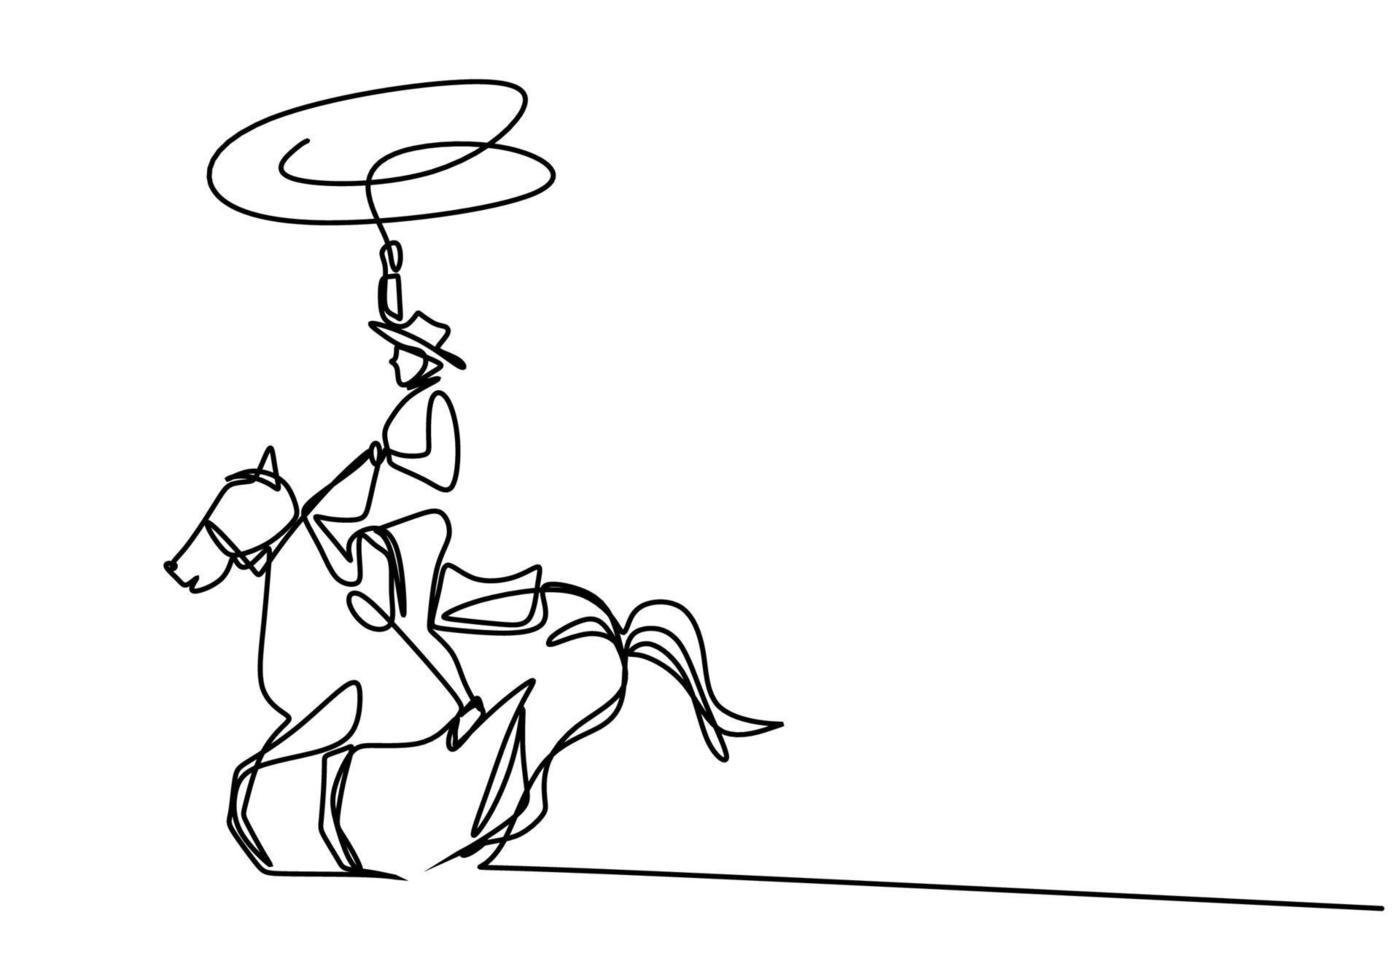 una línea de dibujo continuo joven con un sombrero de vaquero a caballo. Los hombres mayores plantean elegancia a caballo concepto minimalista aislado sobre fondo blanco. diseño moderno de dibujo a mano vector